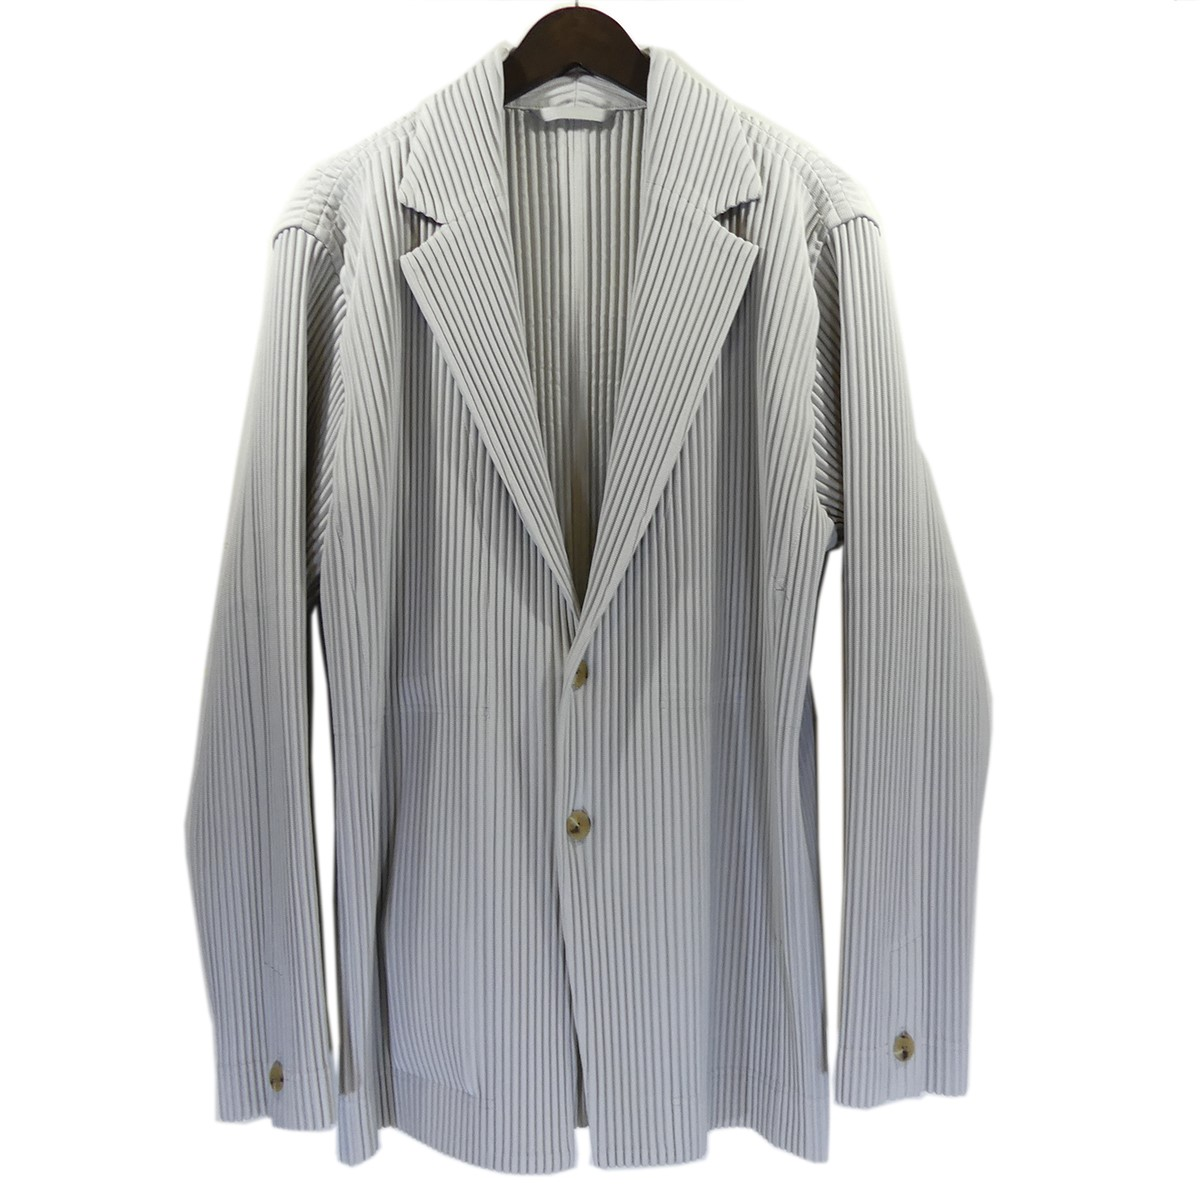 【中古】HOMME PLISSE ISSEY MIYAKEプリーツシングルジャケット ライトグレー サイズ:3 【5月14日見直し】